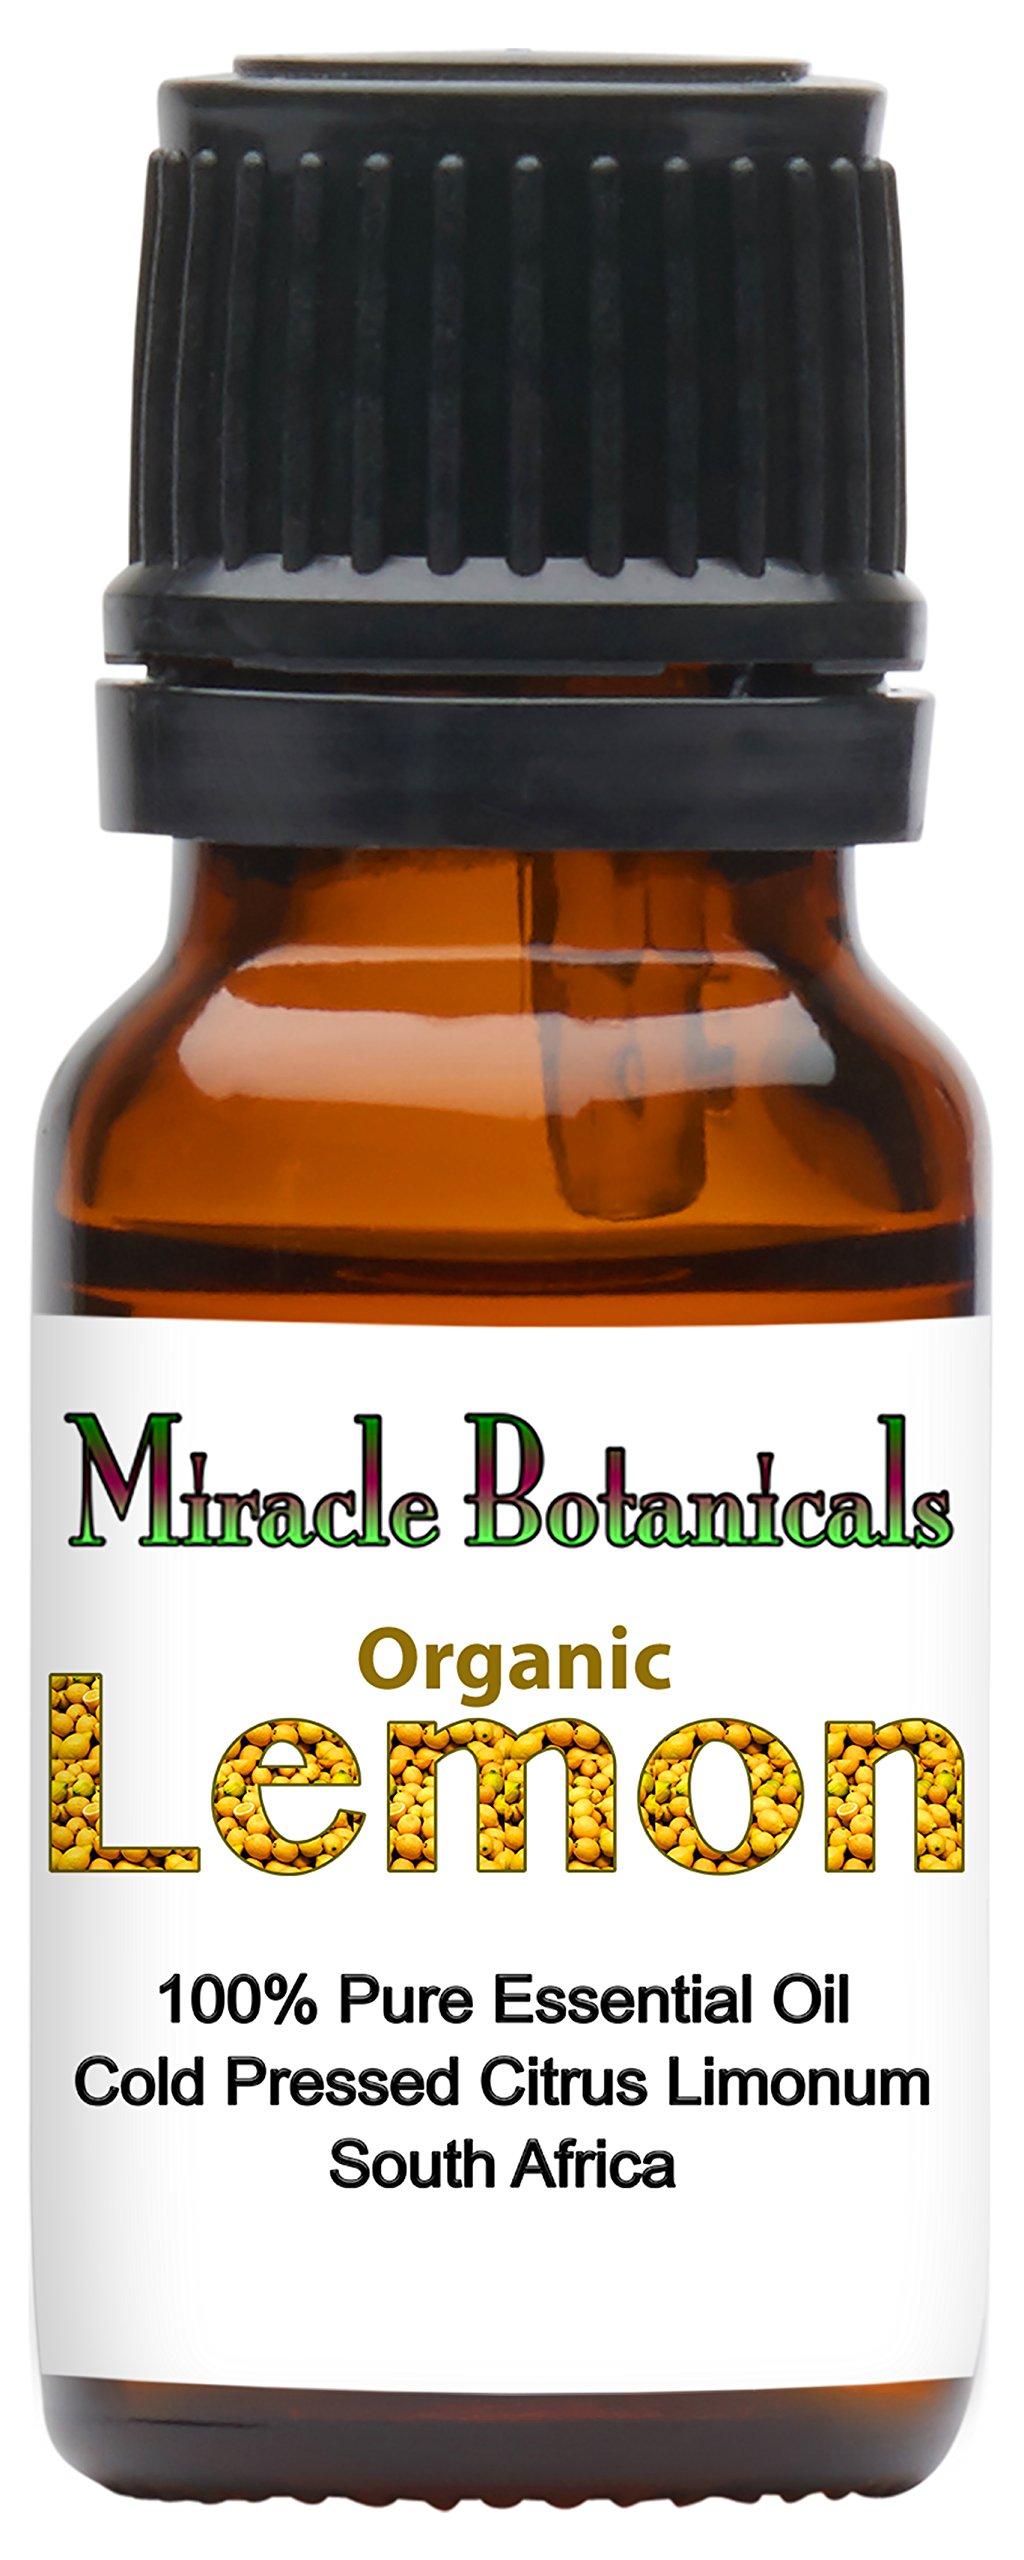 Miracle Botanicals Organic Lemon Essential Oil - 100% Pure Citrus Limonum - Therapeutic Grade - 10ml